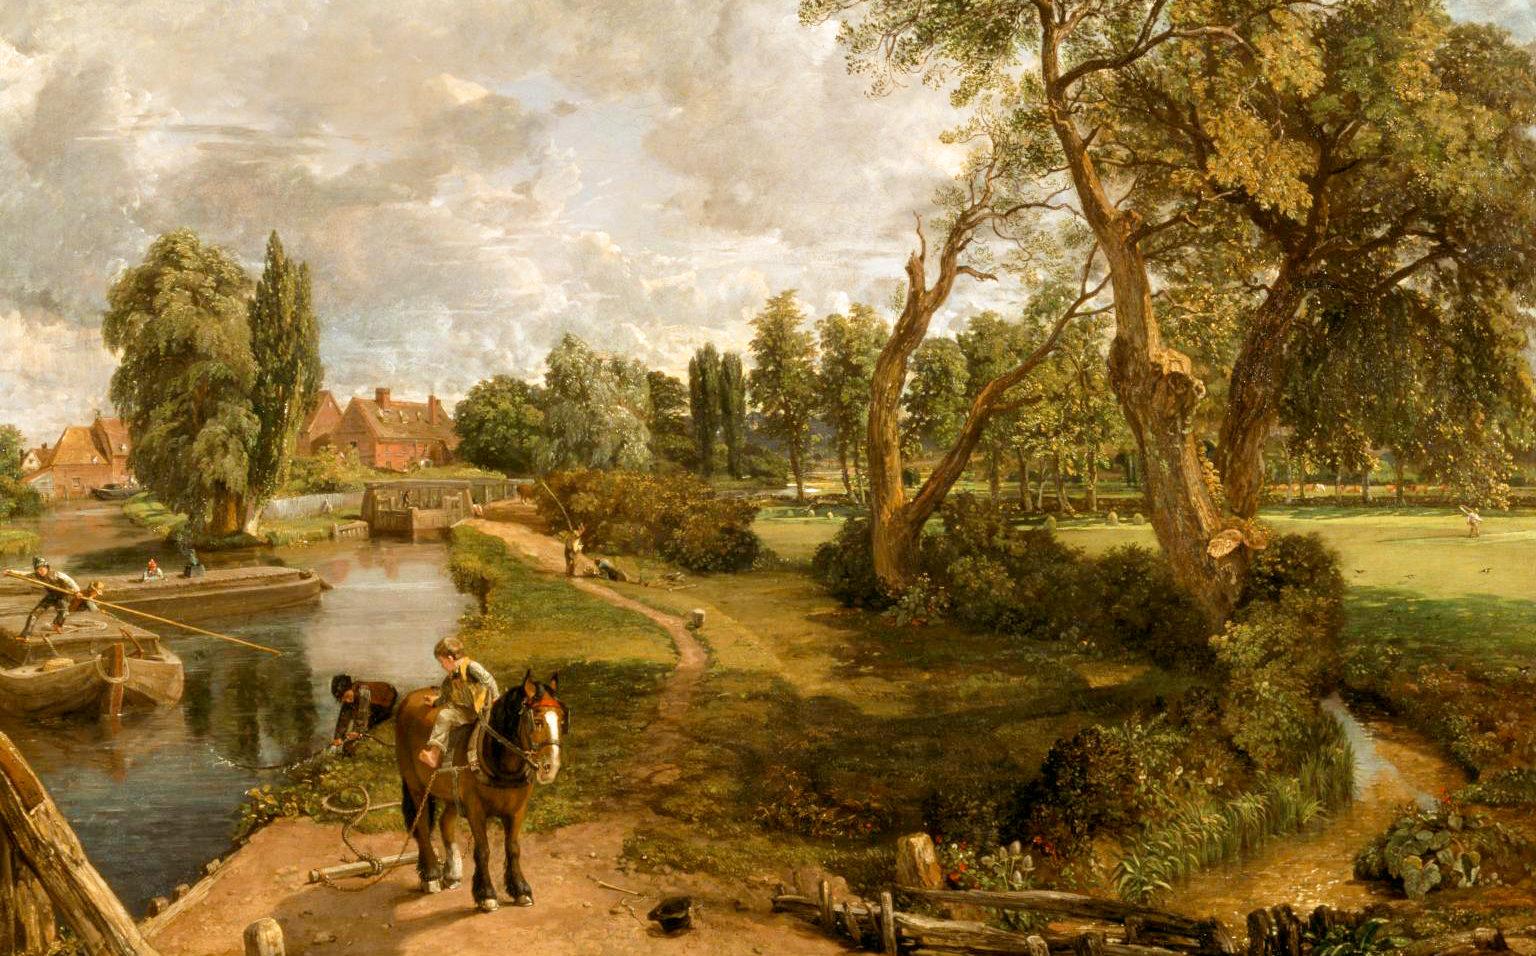 穏やかで美しい自然の情景 コンスタブル「フラットフォードの製粉場」(1816-17)